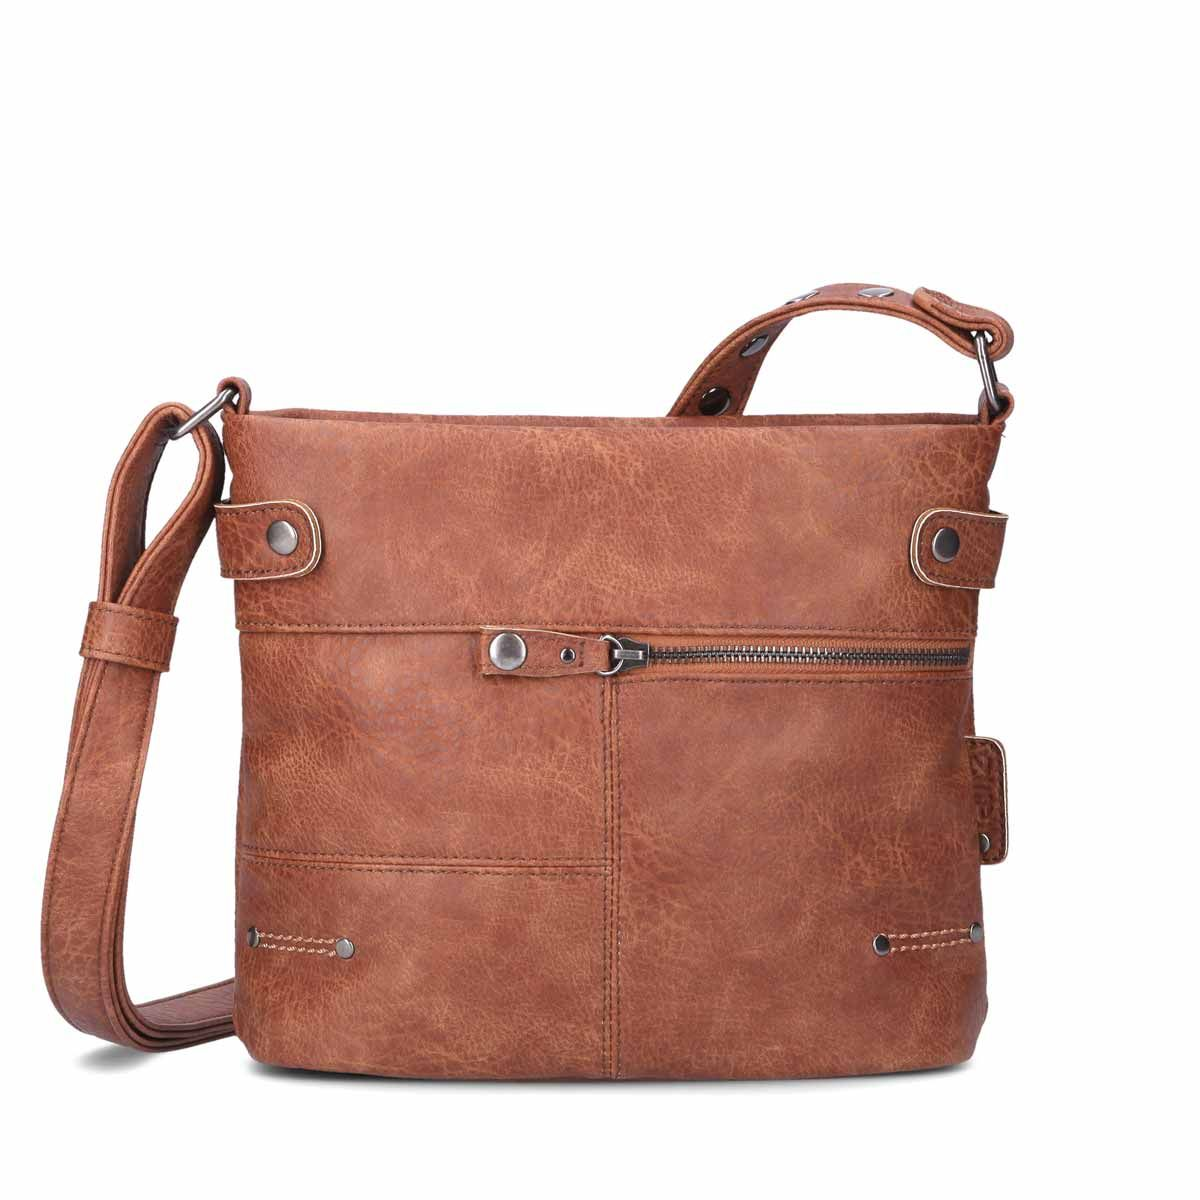 Neu in der VINTAGE Kollektion :: V8 | Handtasche vintage, Taschen, Damenhandtaschen